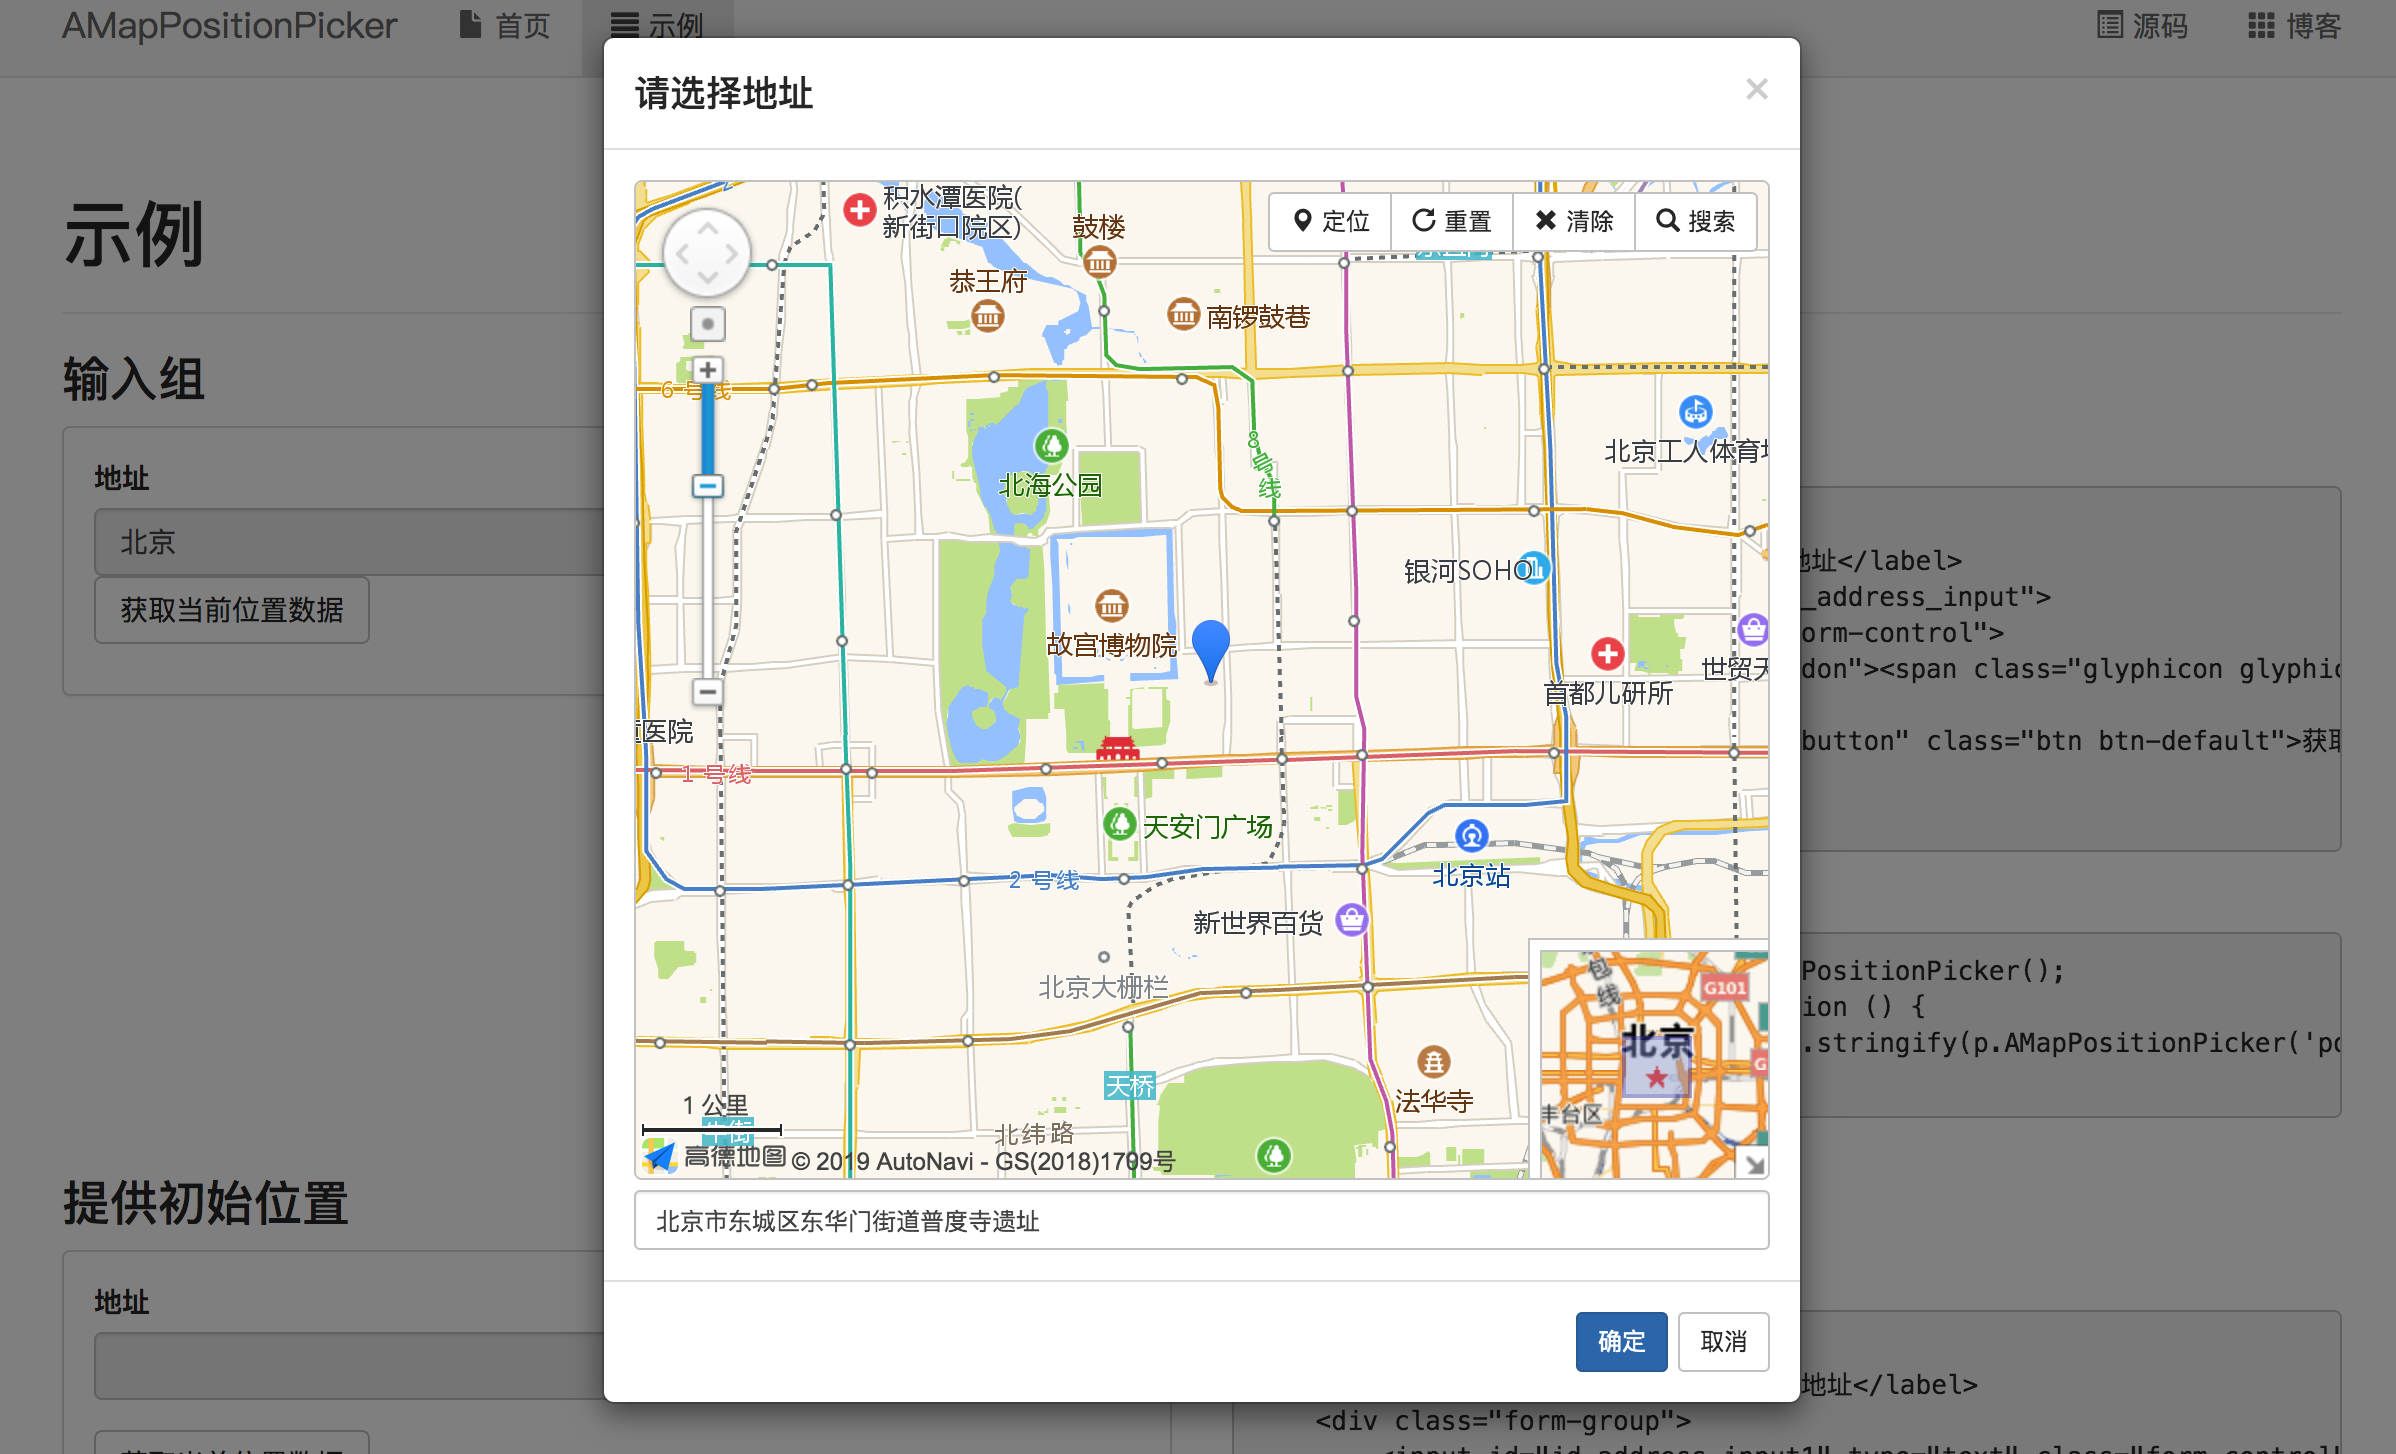 一款高效基于高德地图的地图选择器插件 快速定位 获取用户经纬度获取详细地址